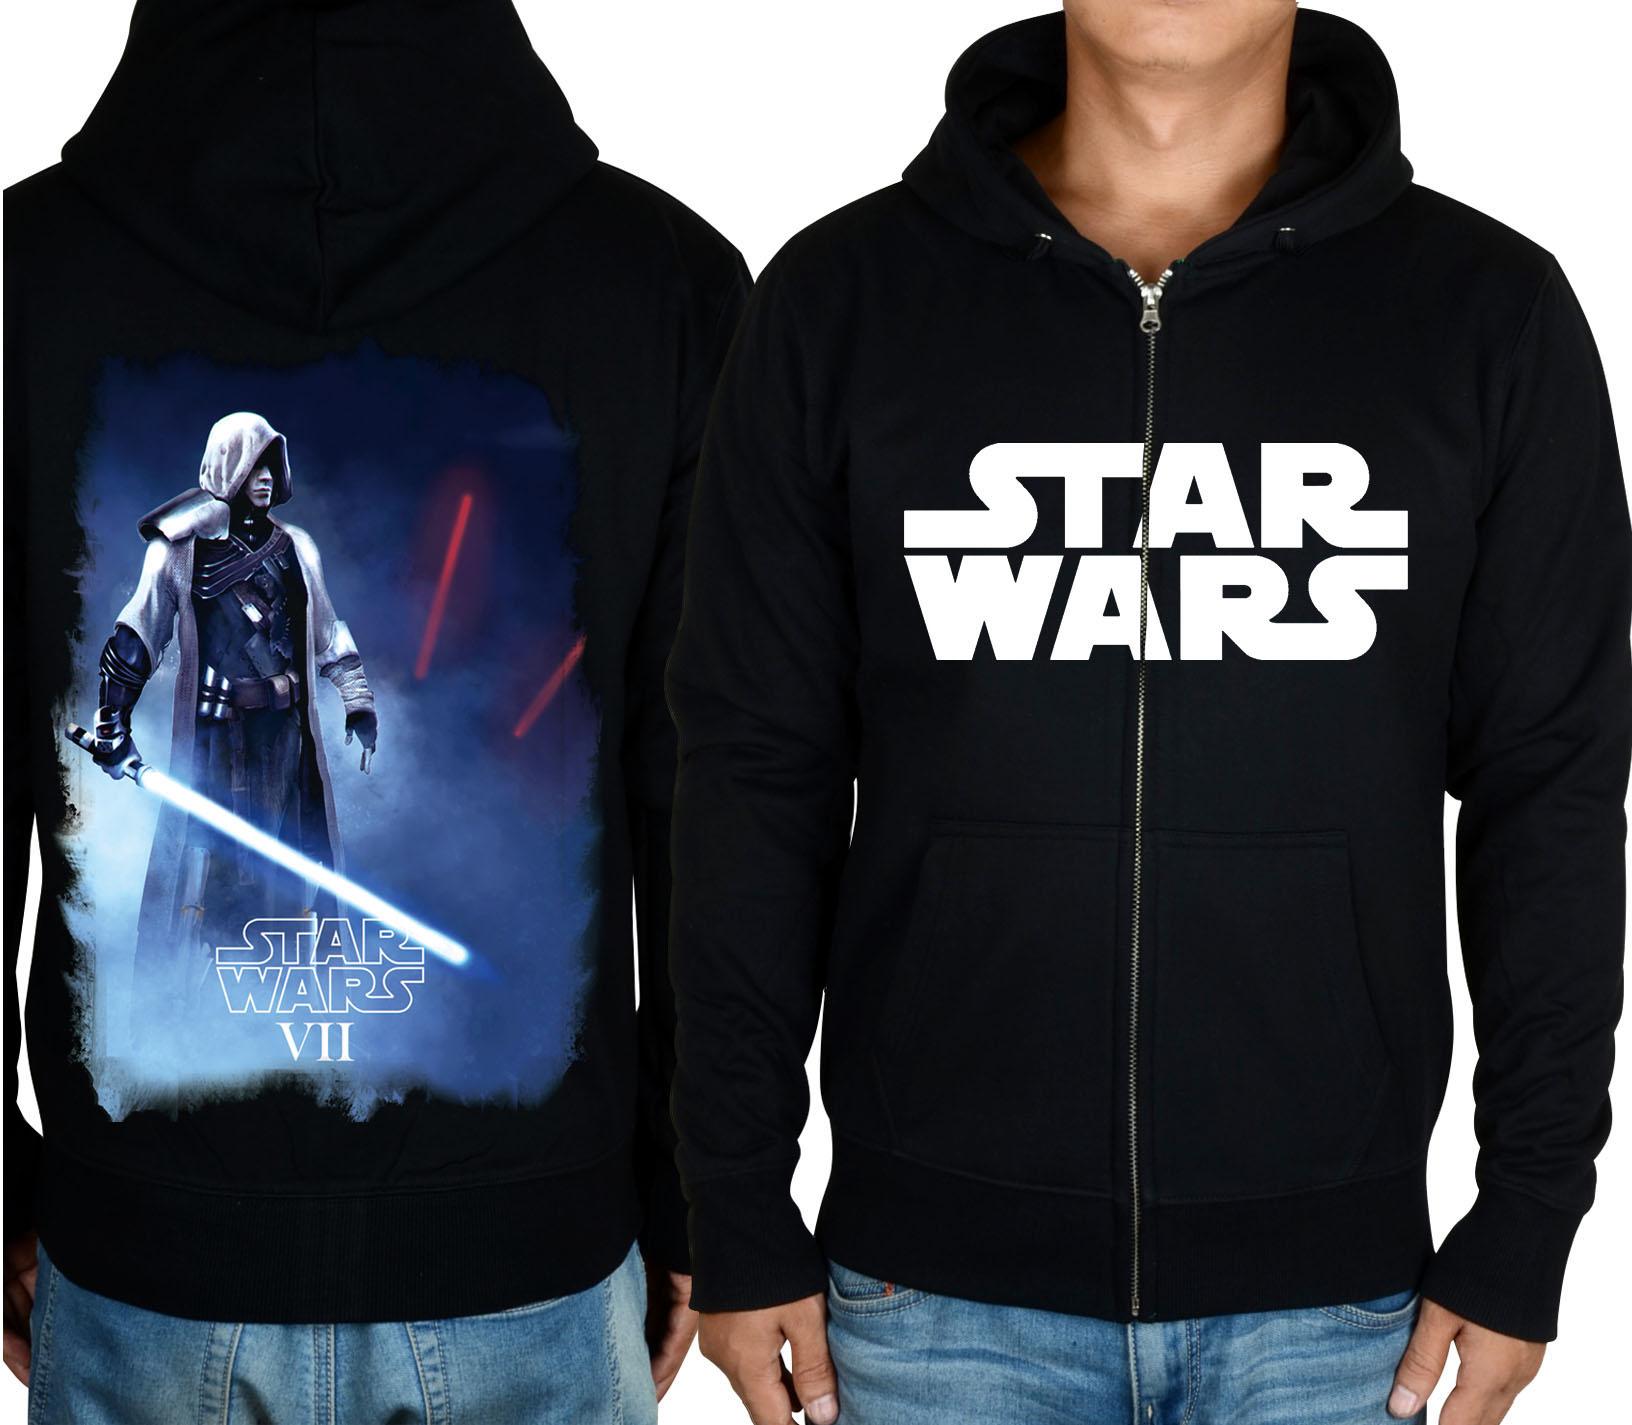 星球大战Star Wars 7原力觉醒达斯摩尔光剑连帽加绒开衫卫衣